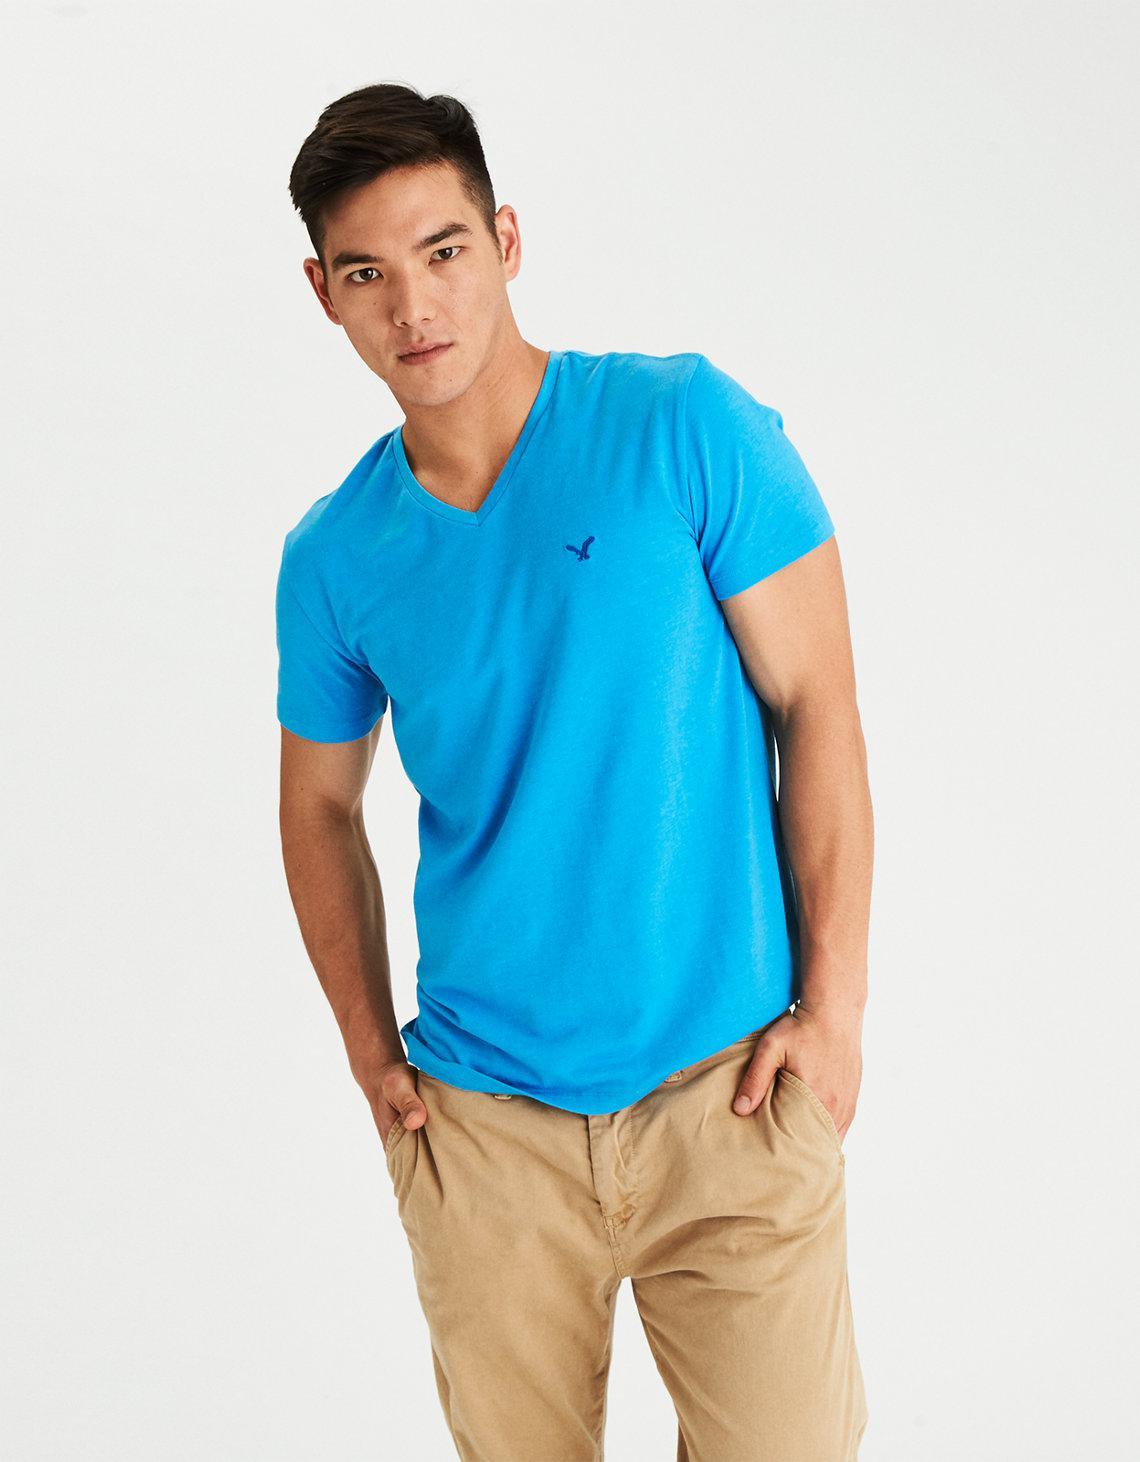 b832049d906d American Eagle Flex Solid V-neck T-shirt in Blue for Men - Lyst